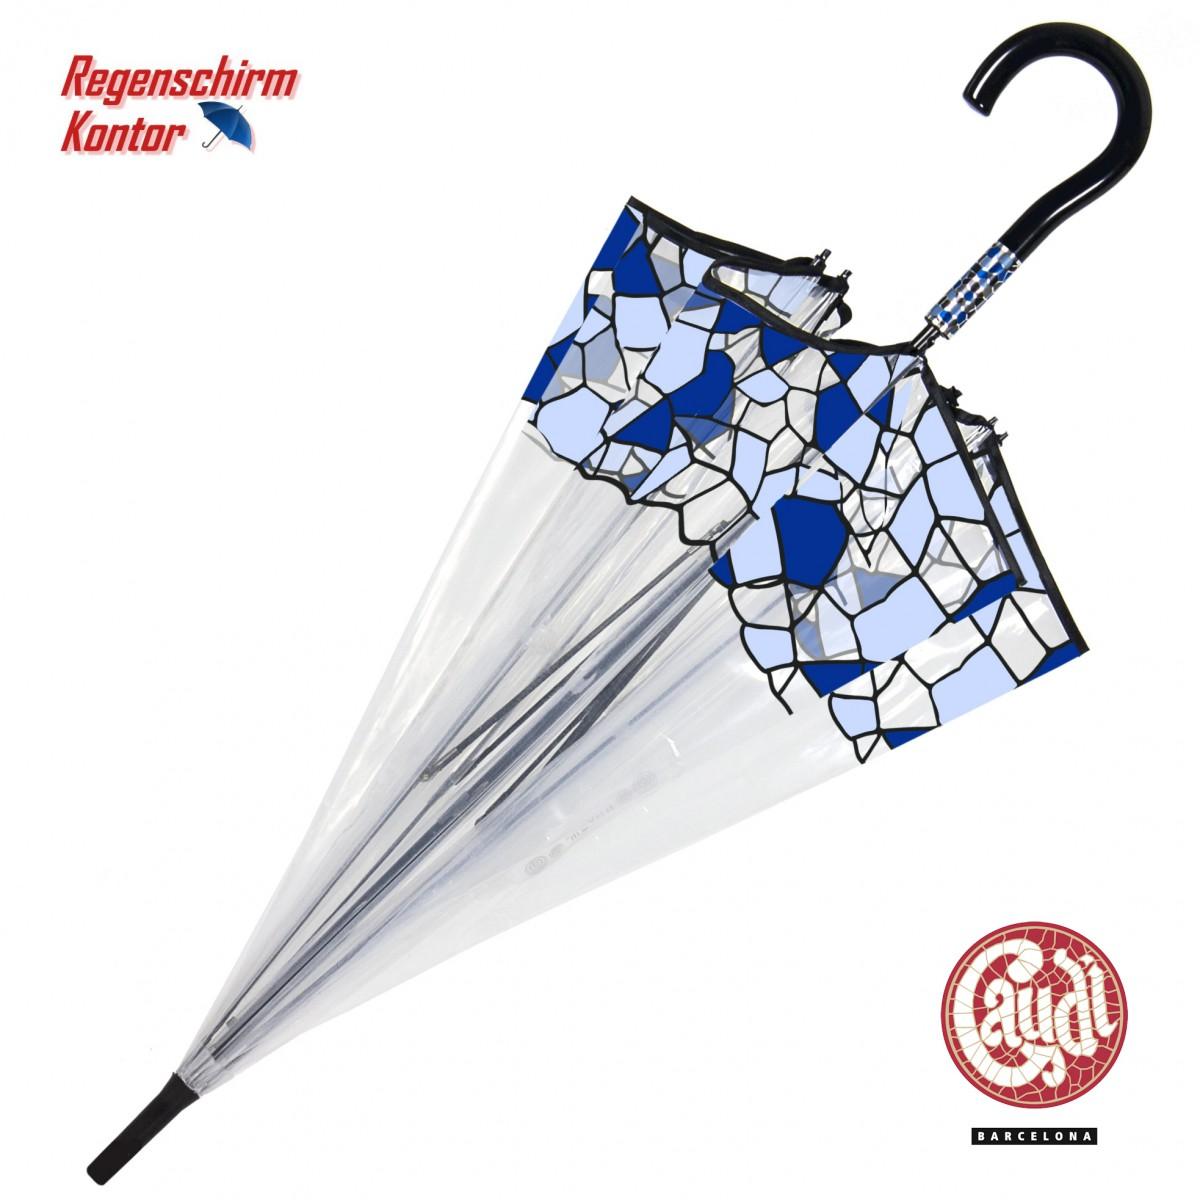 Gaudi Transparentschirm Glockenschirm